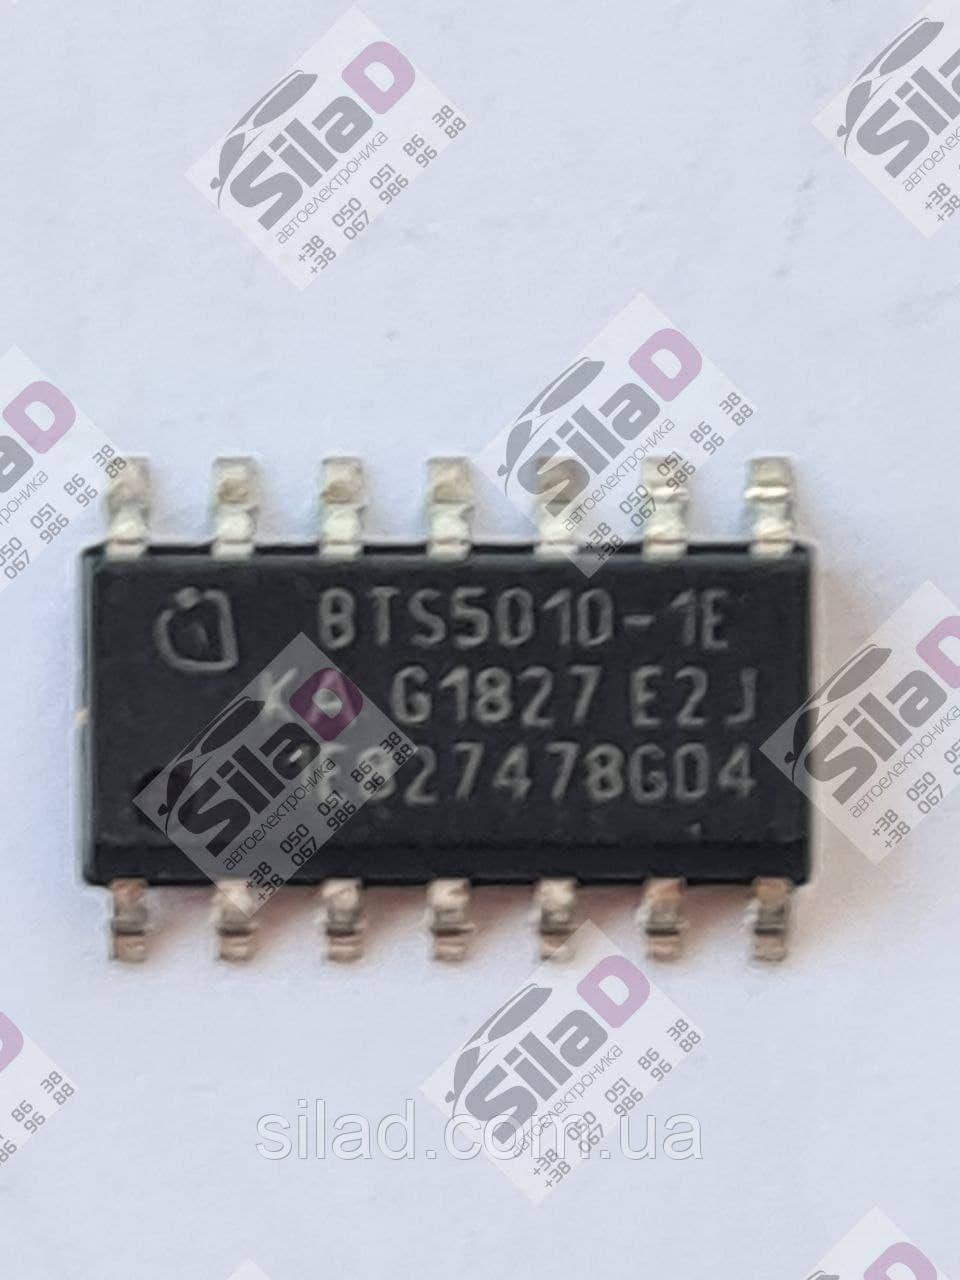 Микросхема BTS5010-1E Infineon корпус PG-DSO-14-47 EP